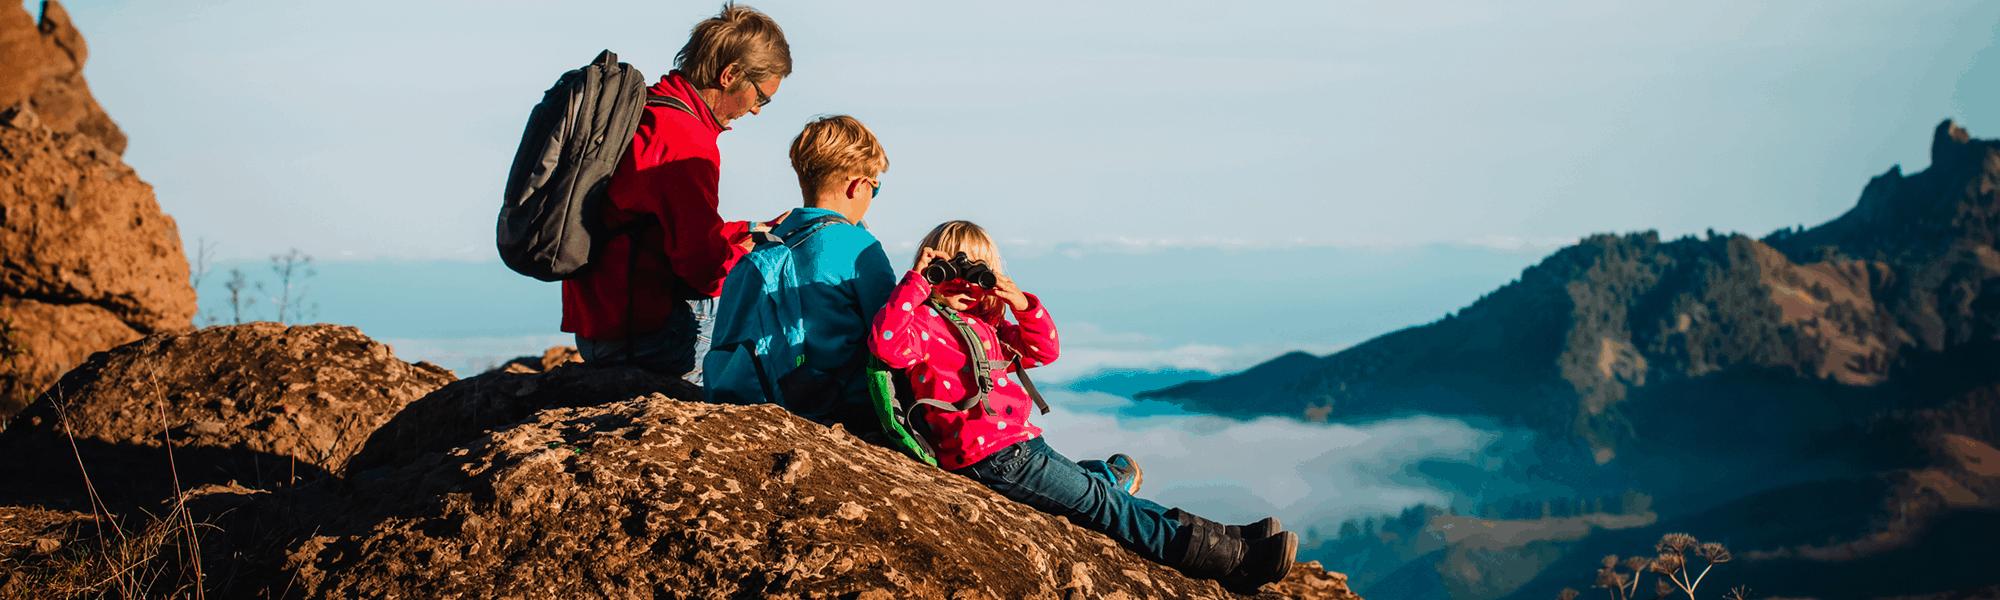 Familienurlaub auf Gran Canaria – eure Auszeit auf den Kanaren!